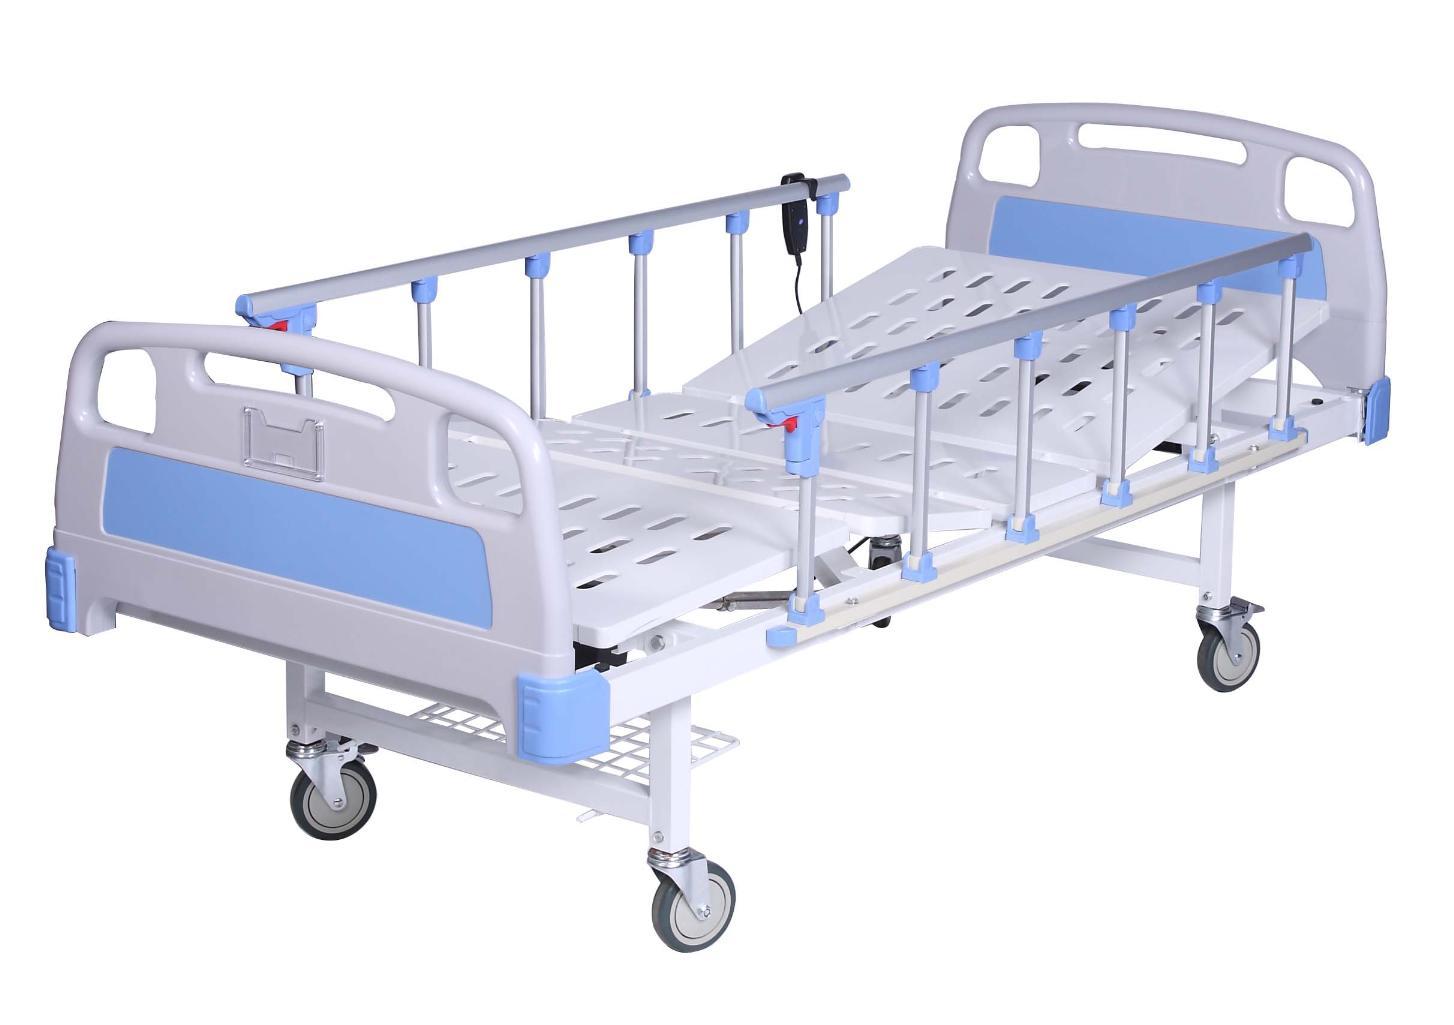 2 Motorlu Hasta Yatağı Kiralama